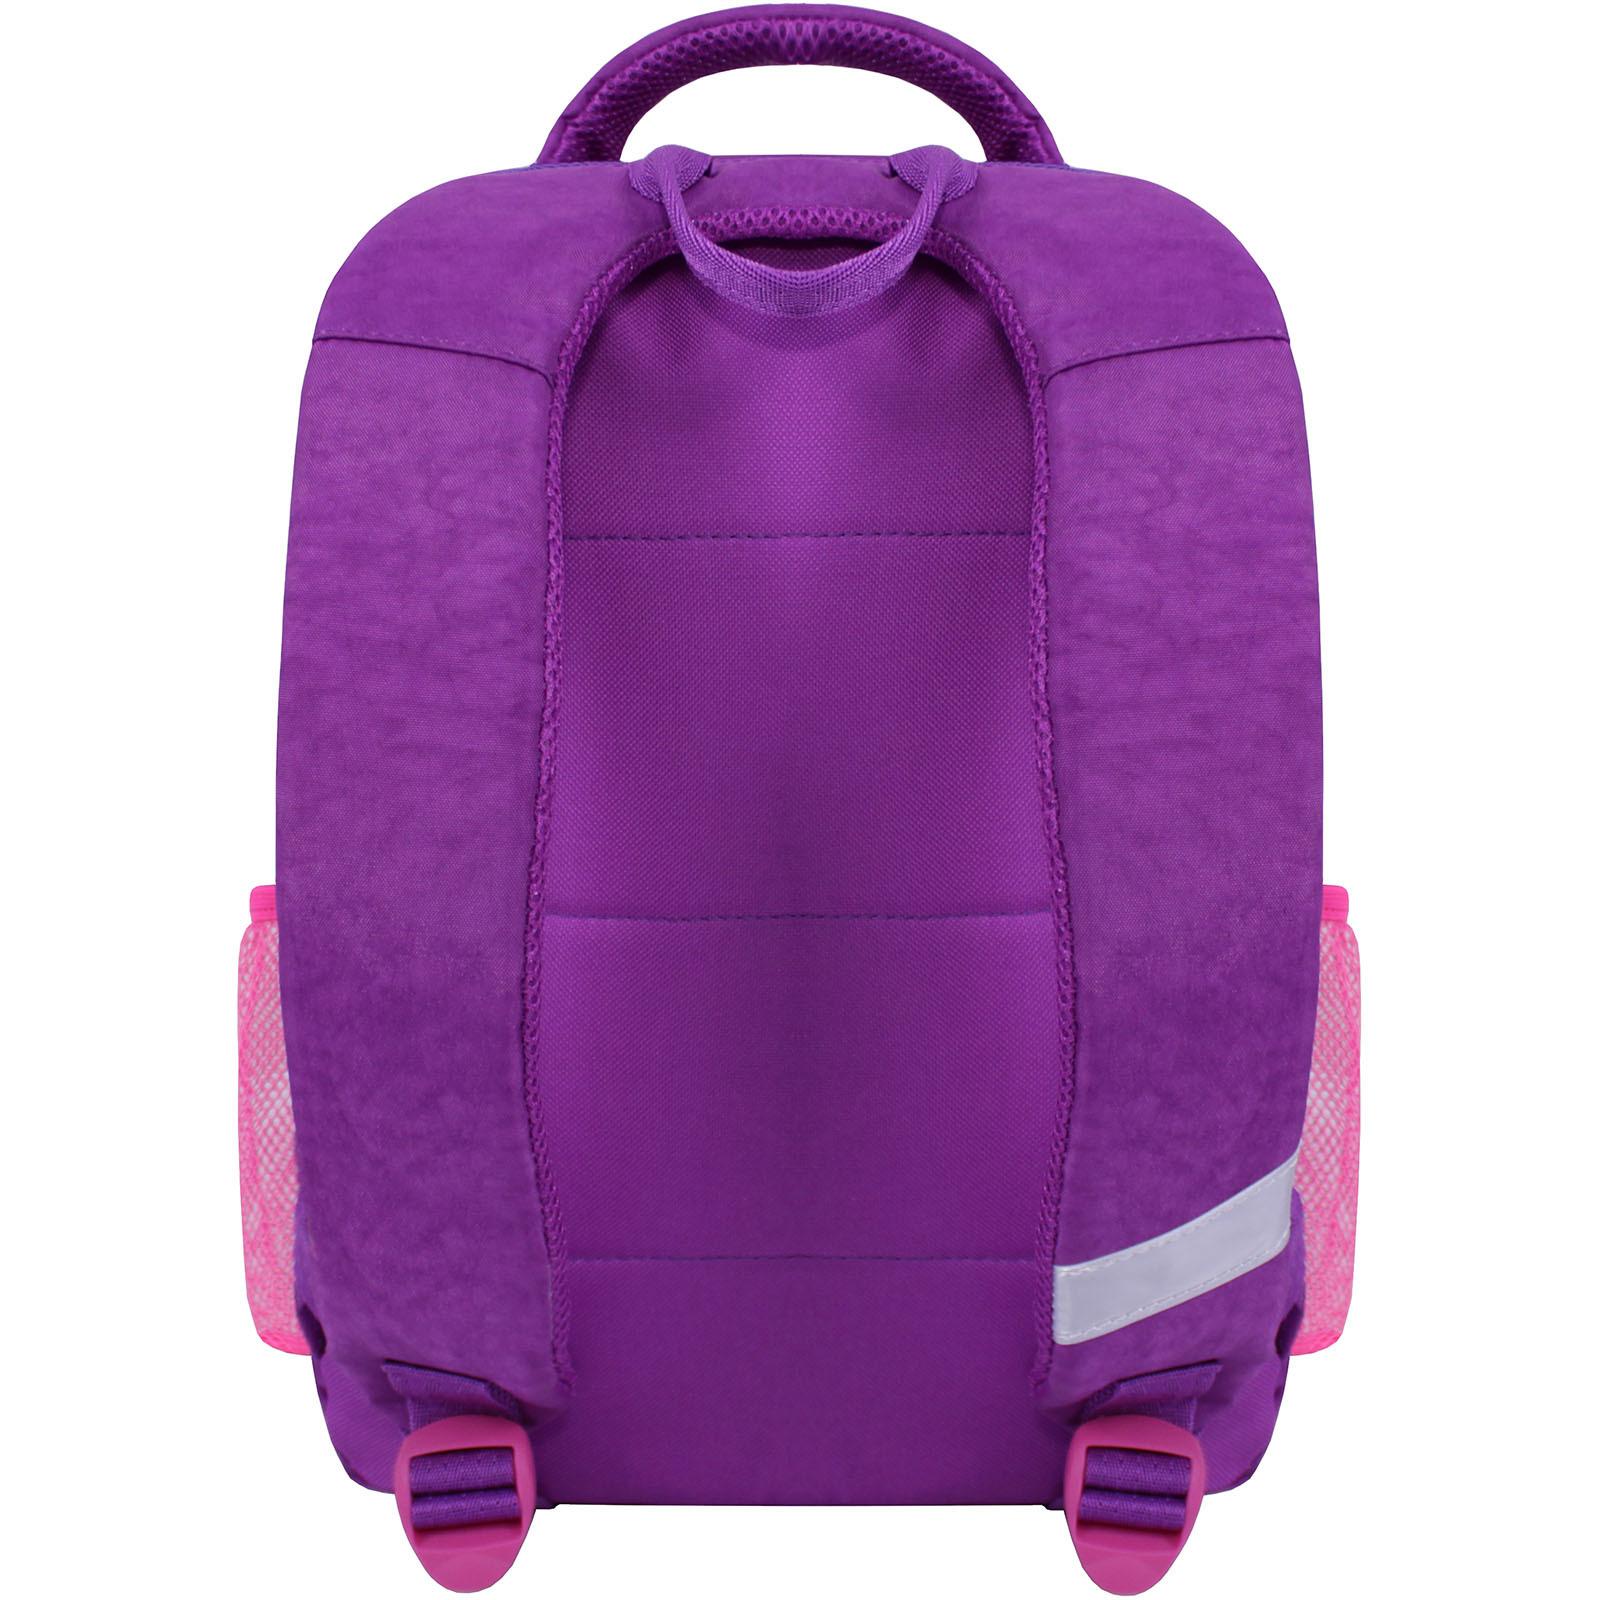 Рюкзак школьный Bagland Школьник 8 л. Фиолетовый 503 (00112702) фото 3